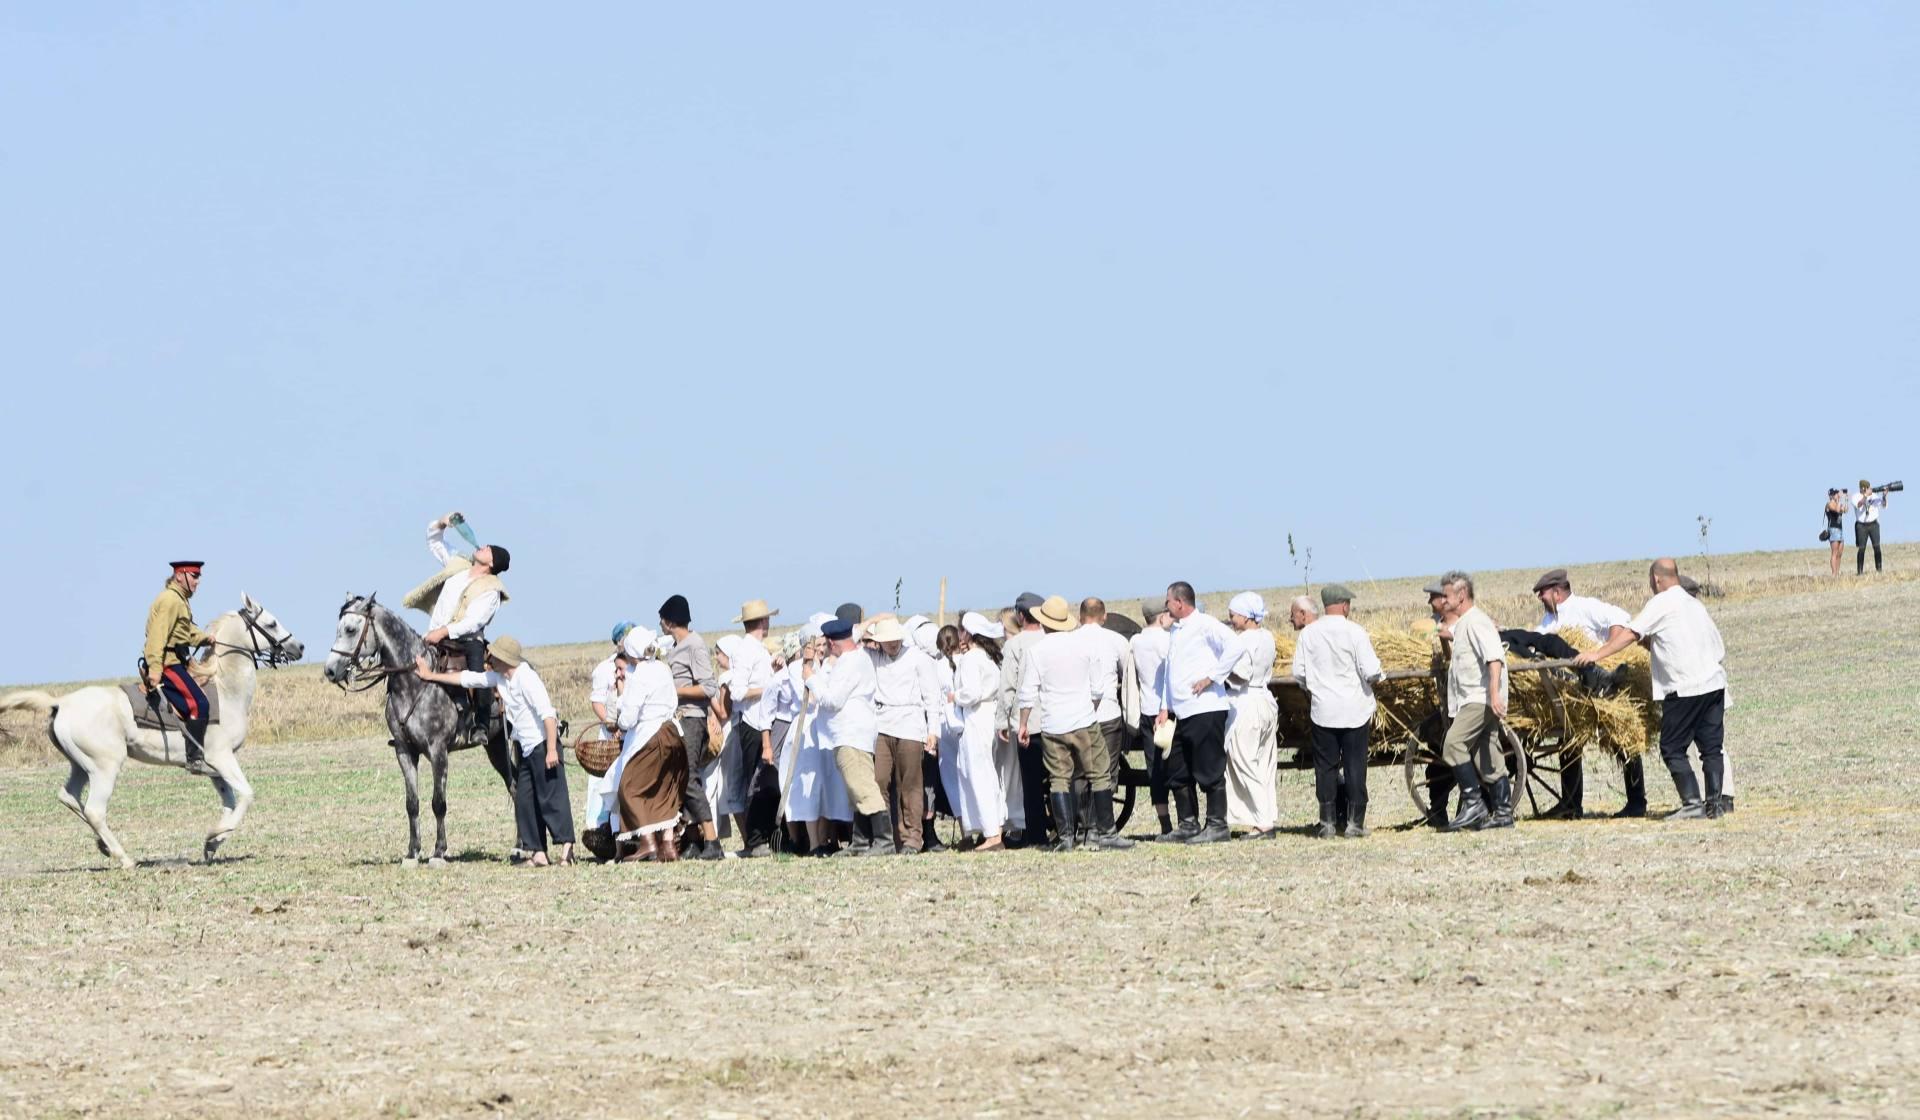 dsc 0925 Czas szabli - 100 rocznica bitwy pod Komarowem(zdjęcia)